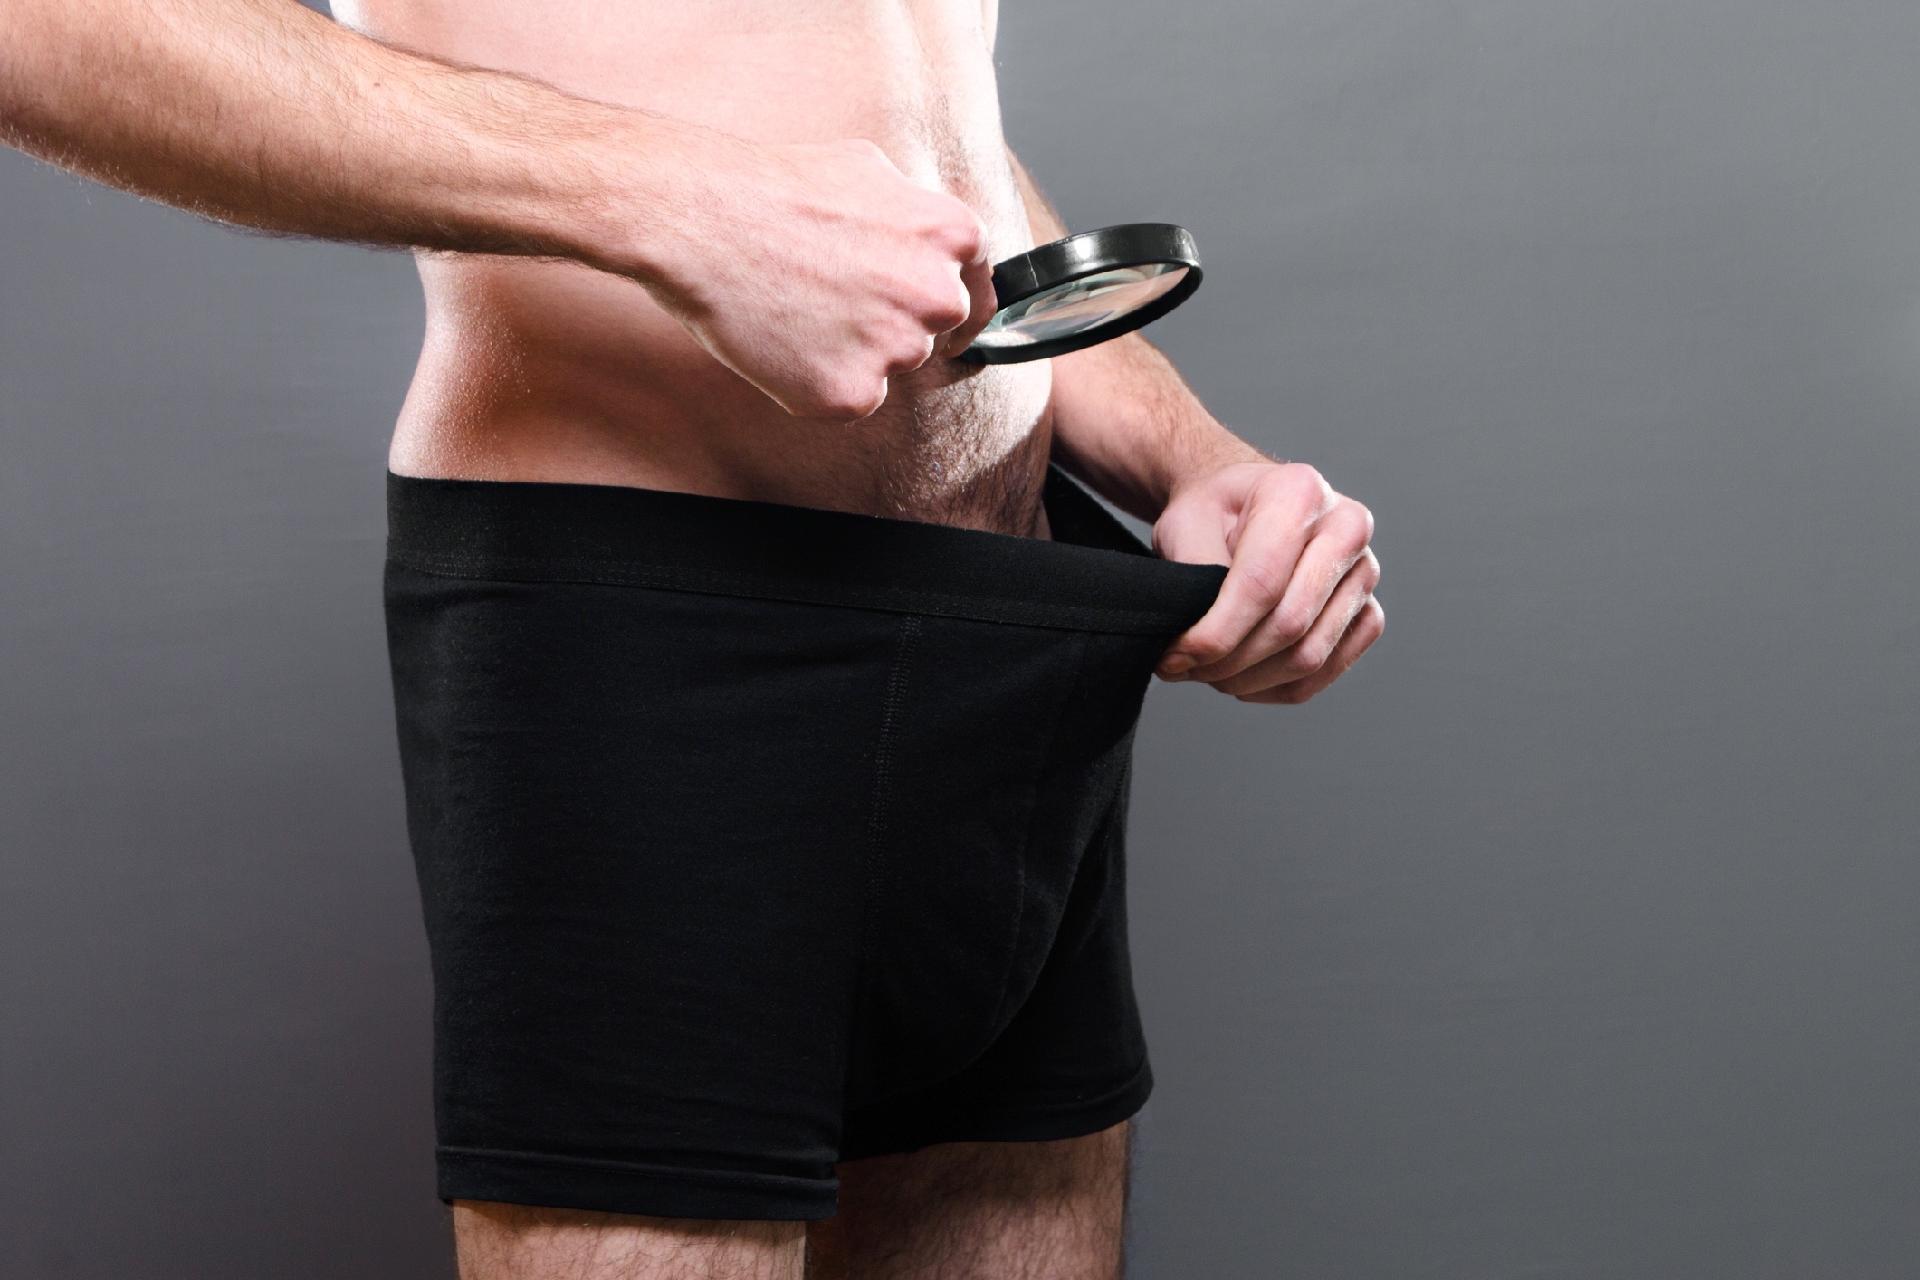 47b936762ea8e Aumento do pênis é só uma das cirurgias íntimas procuradas por homens -  13 11 2017 - UOL Universa